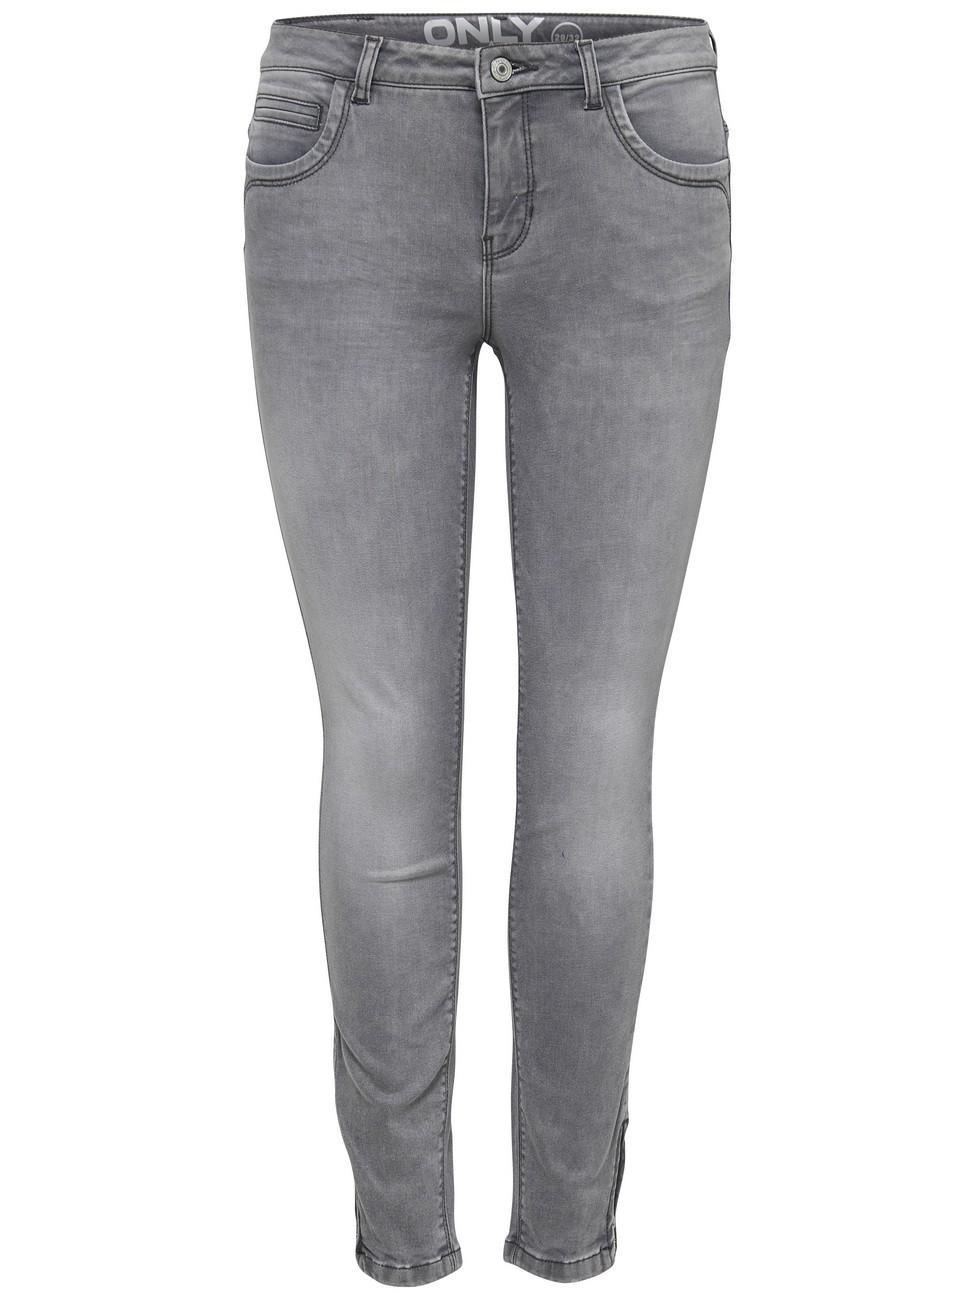 only damen jeans onlkendell grey grau medium grey. Black Bedroom Furniture Sets. Home Design Ideas